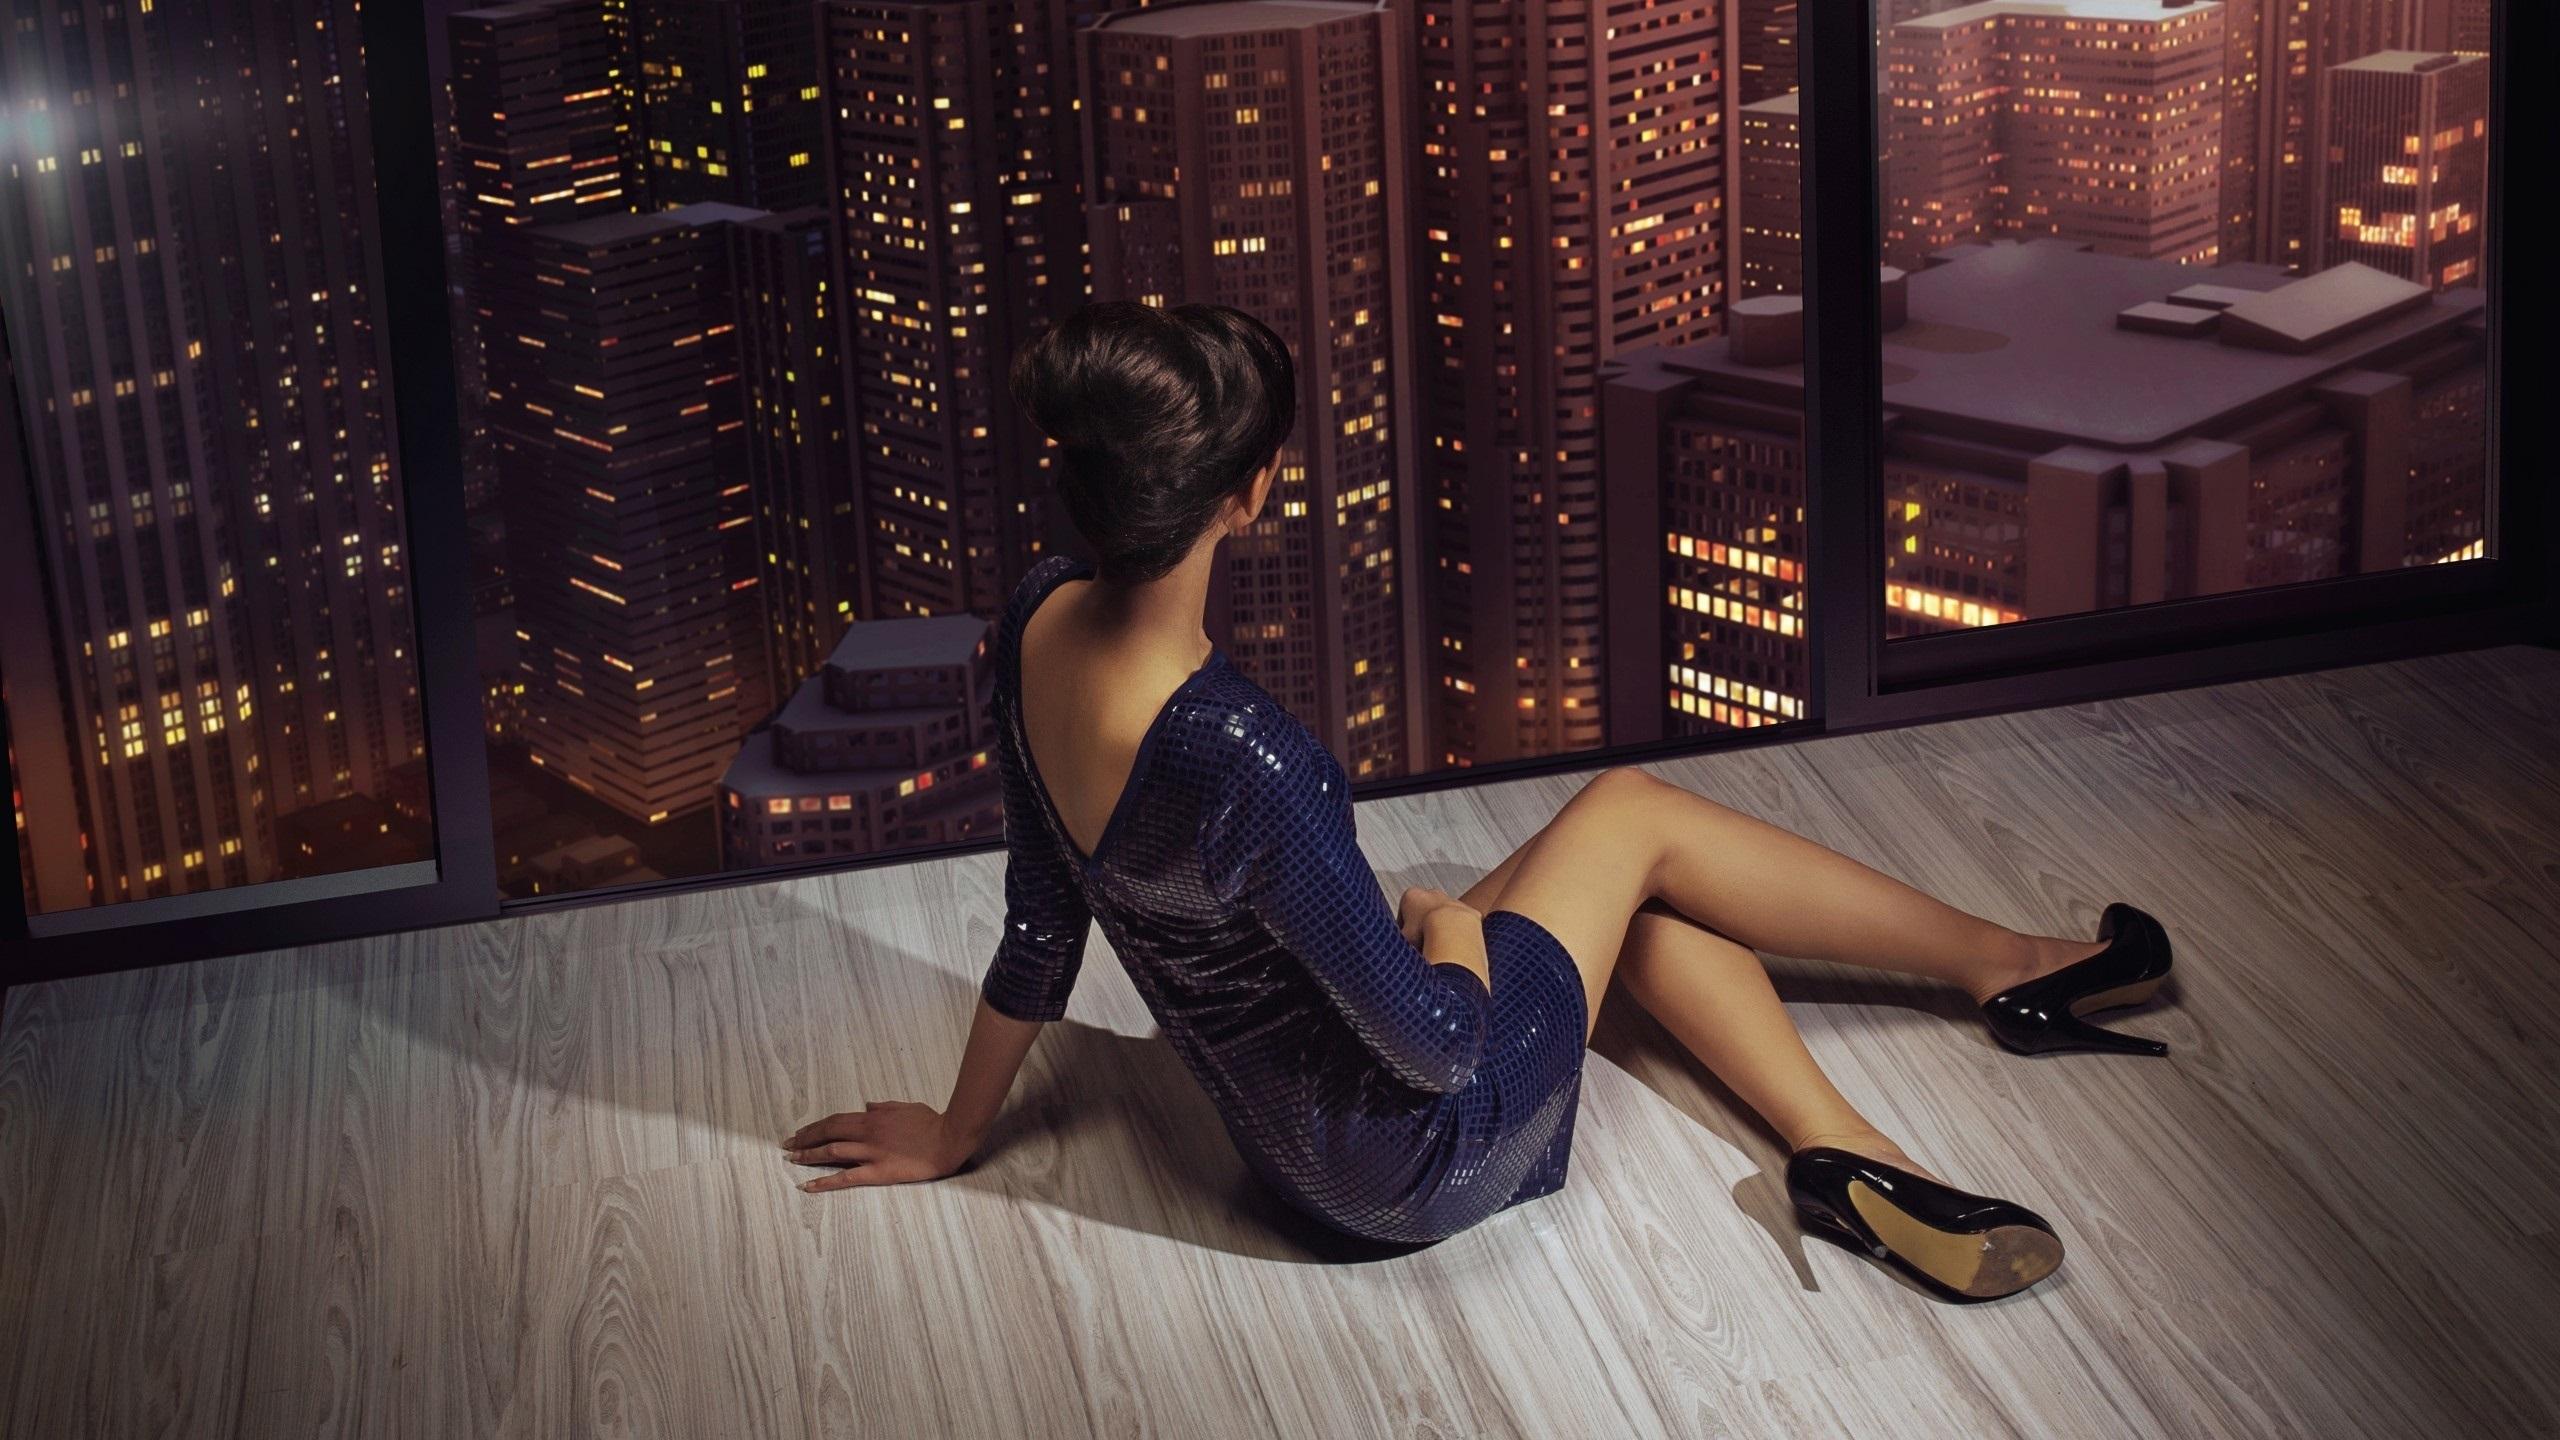 телки, стесняясь, фото девушки сзади в красивом городе предлагаем вам короткие